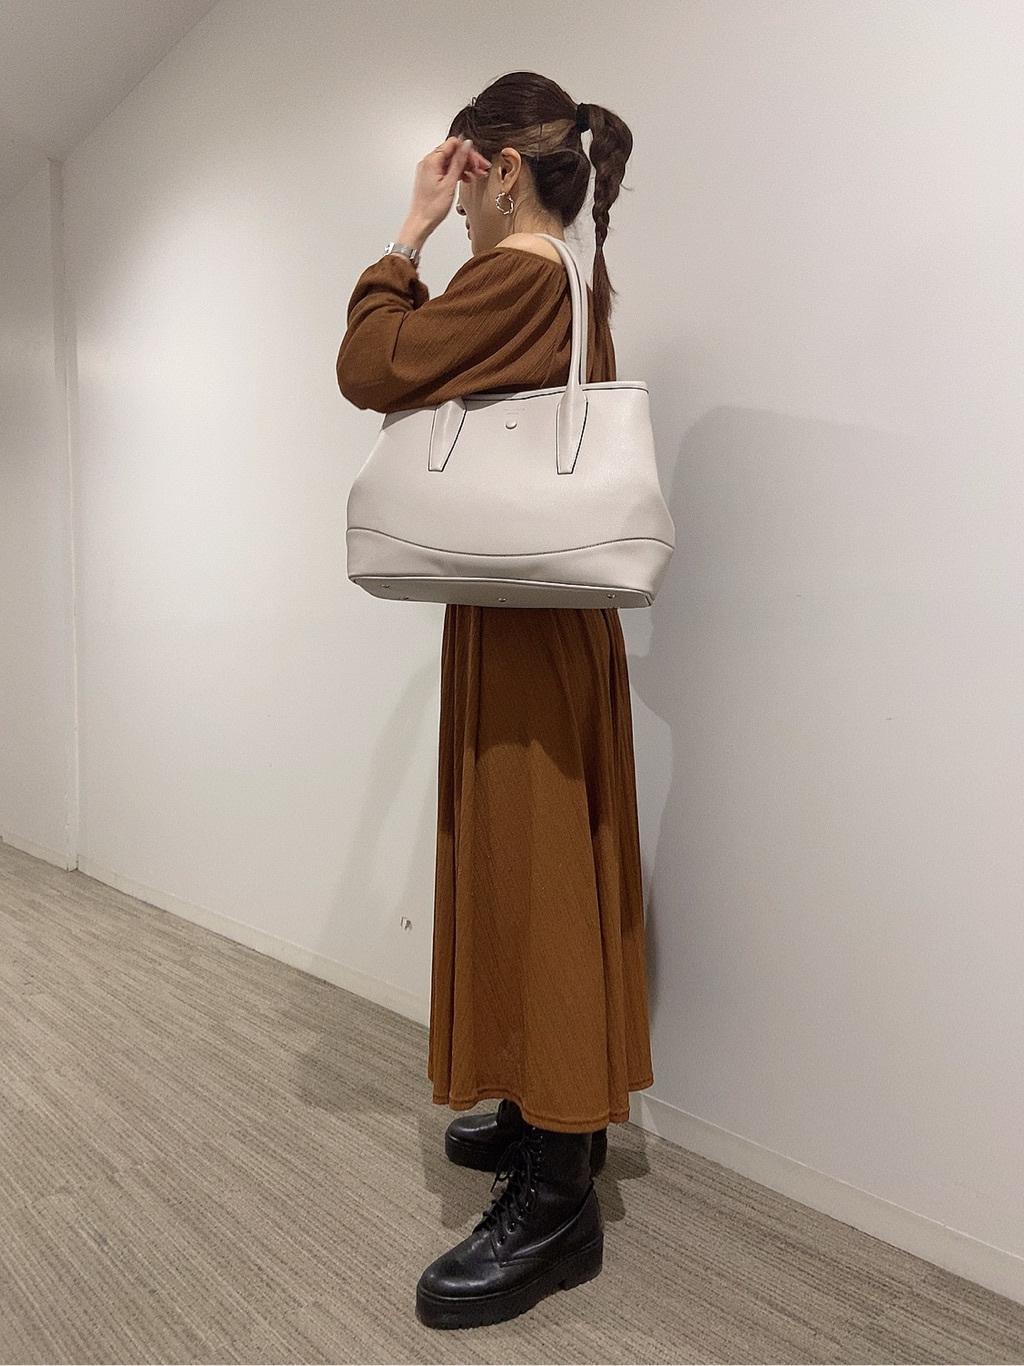 &シュエットギャラリーららぽーと立川立飛店 ayane umeki